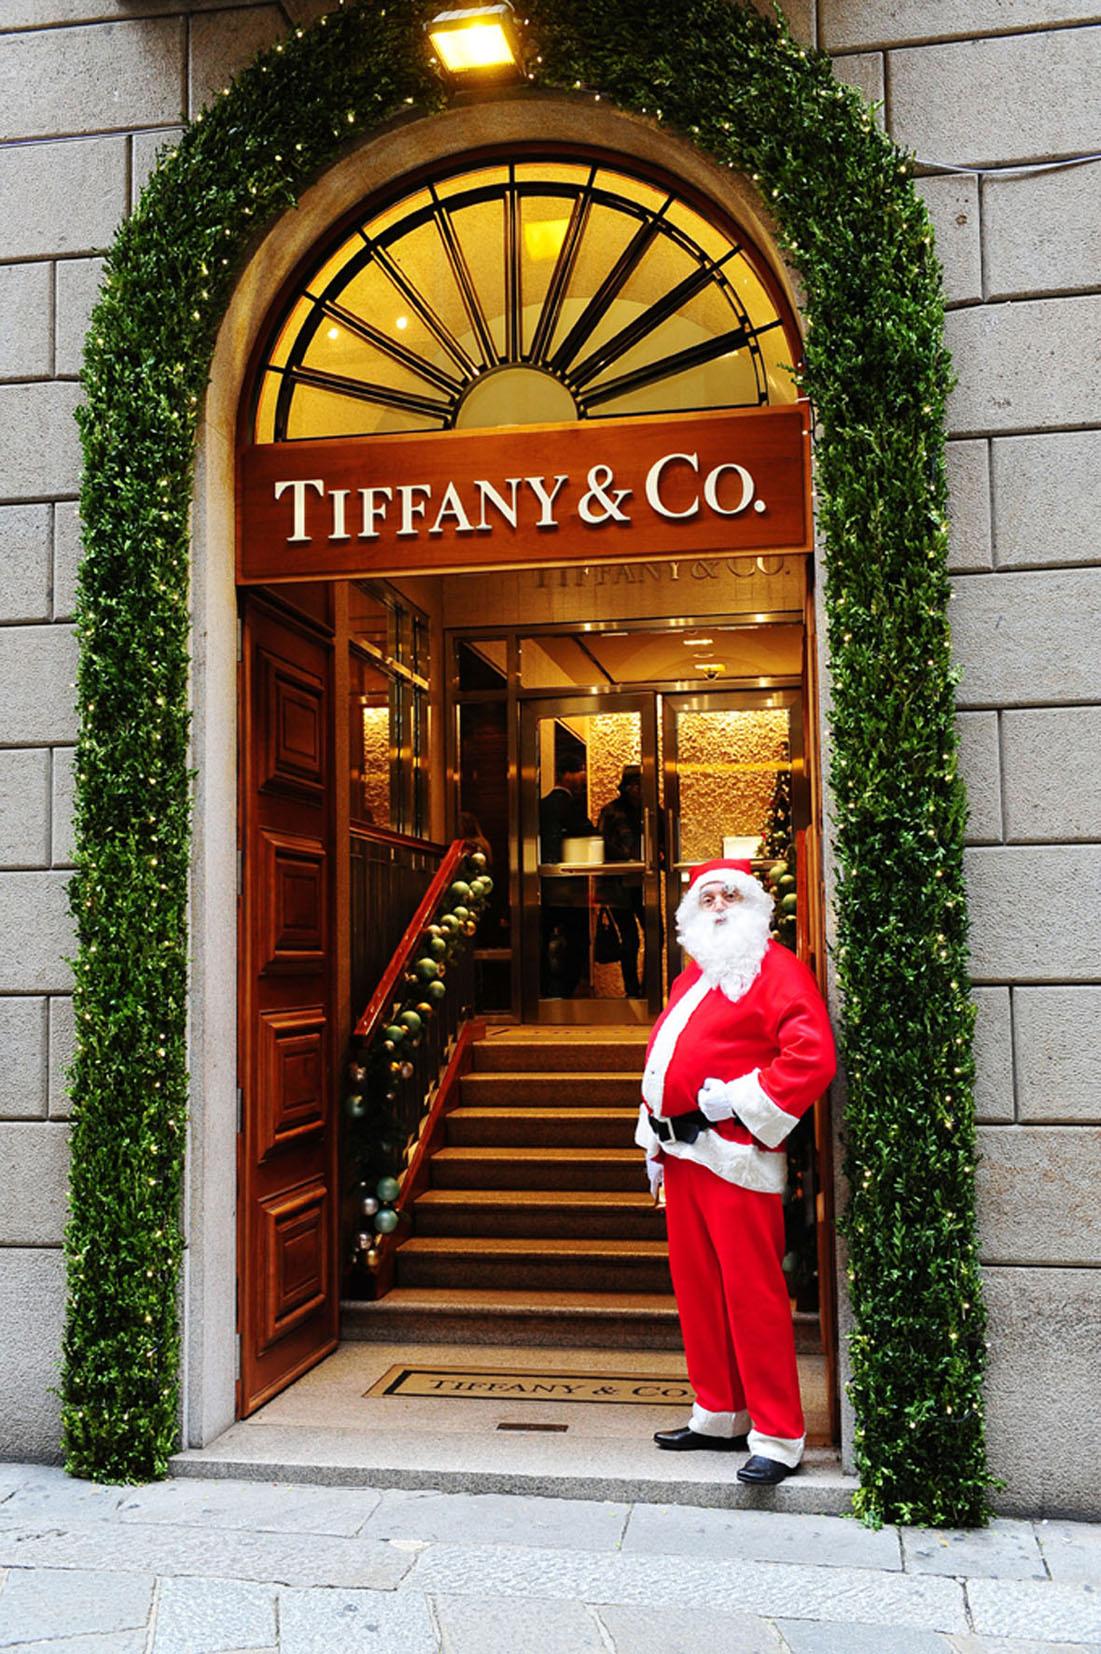 A traditional Santa Claus for Tiffany & Co. in Via della Spiga